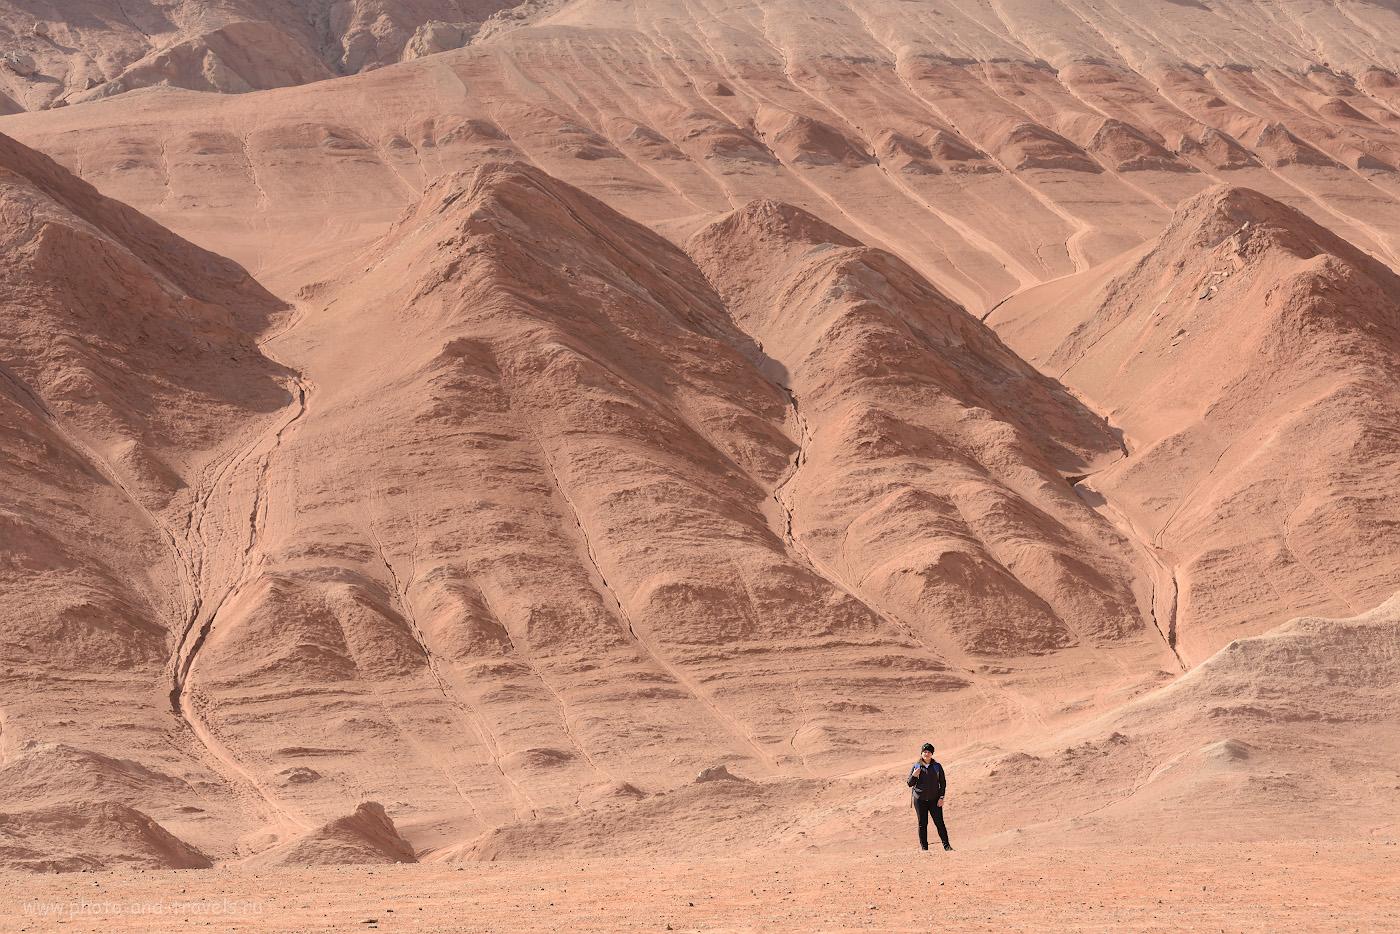 Фотография 21. Песчаные и глиняные склоны Пылающих гор. Отзывы об экскурсии к Пещерам тысячи Будд Безеклик. 1/200, +1.0, 8.0, 250, 98.